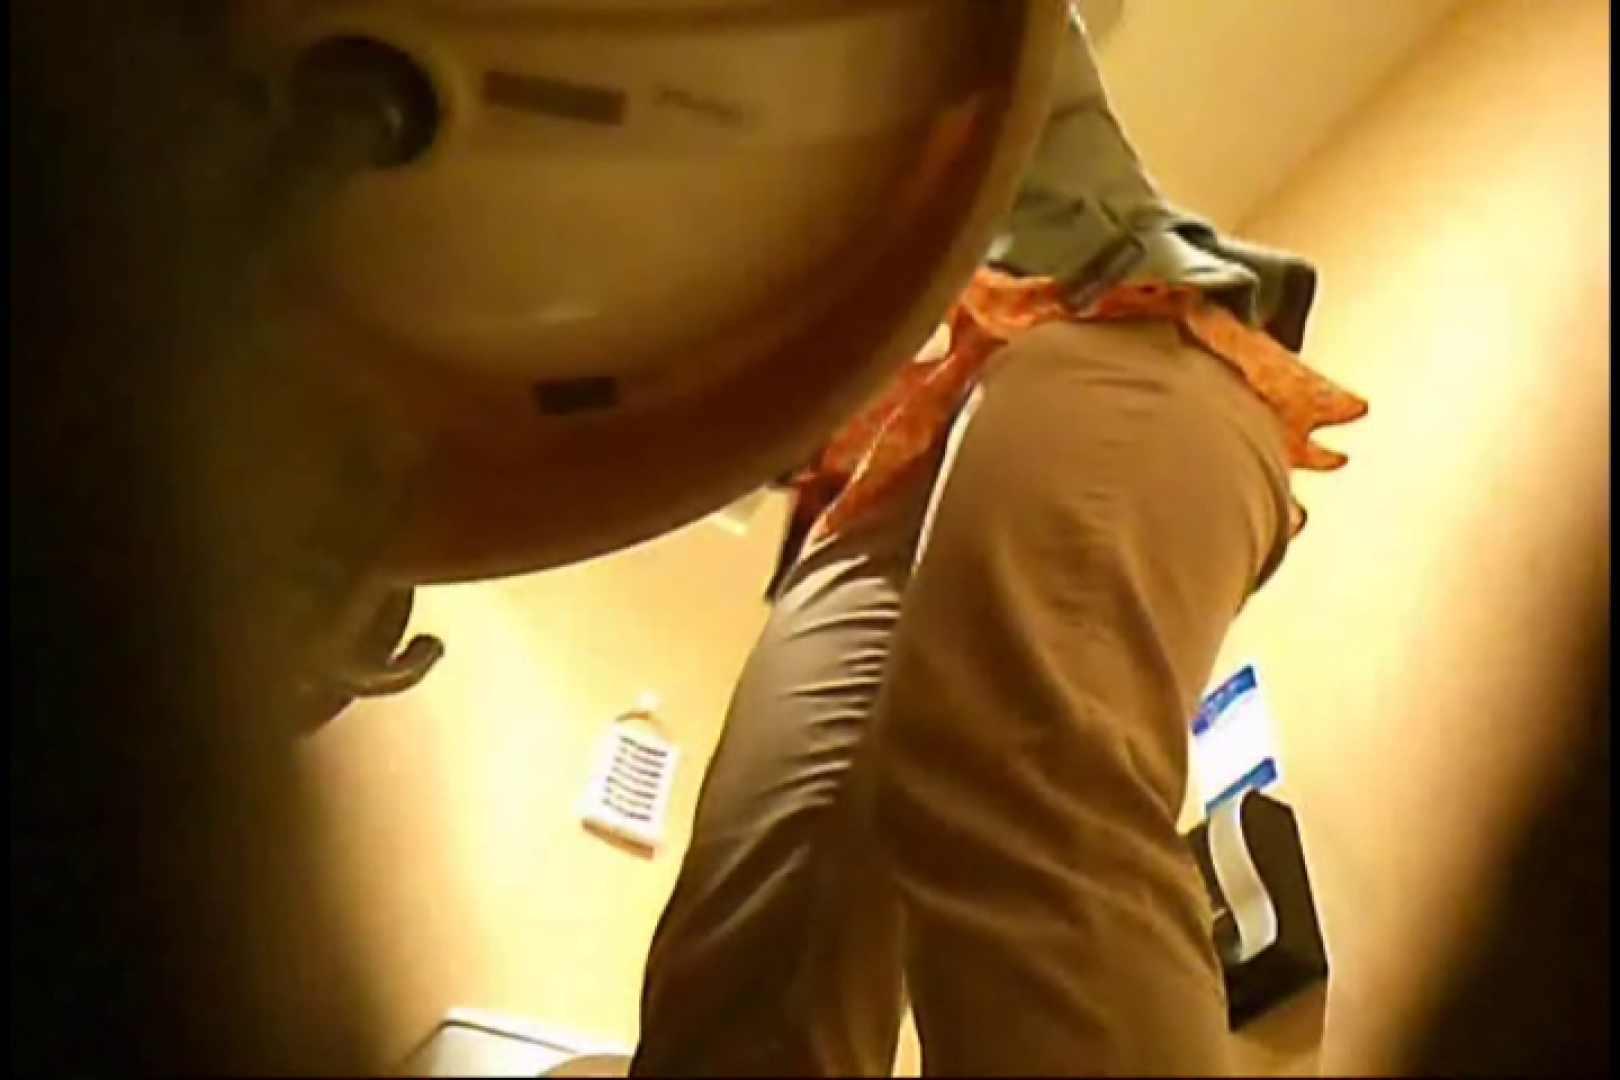 潜入!!女子化粧室盗撮~絶対見られたくない時間~vo,22 潜入突撃 | 盗撮師作品  93pic 73